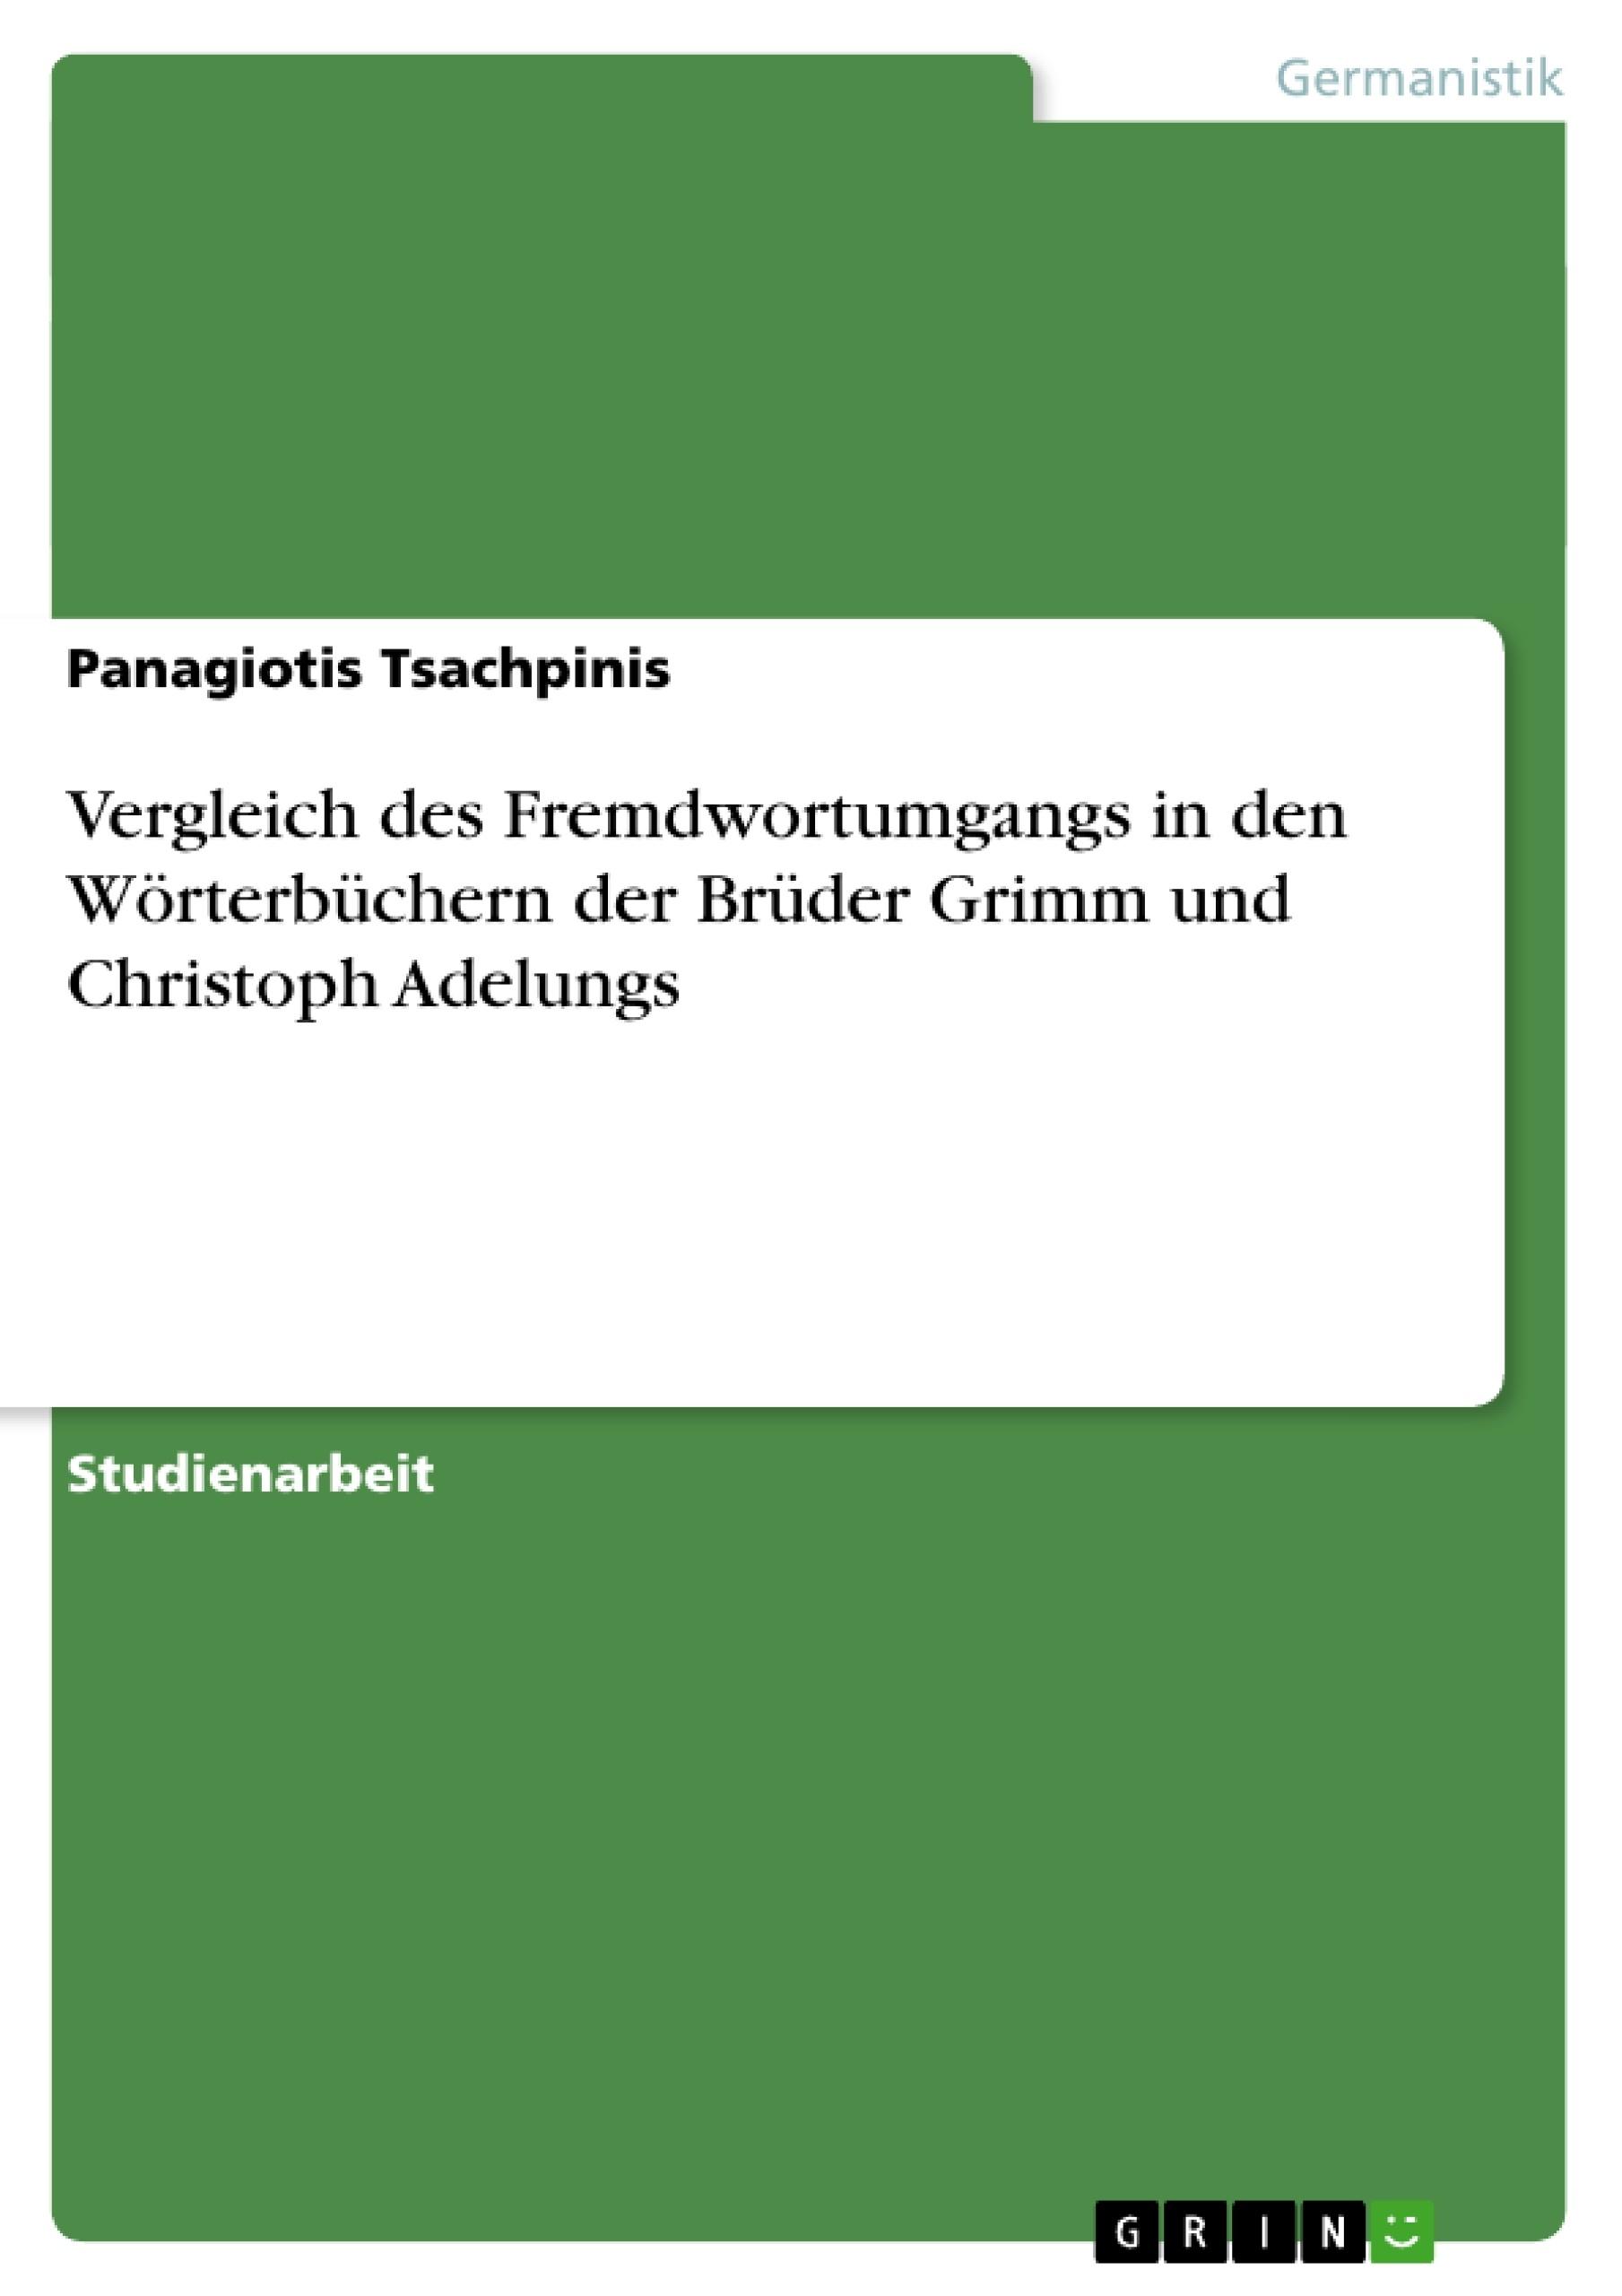 Titel: Vergleich des Fremdwortumgangs in den Wörterbüchern der Brüder Grimm und Christoph Adelungs